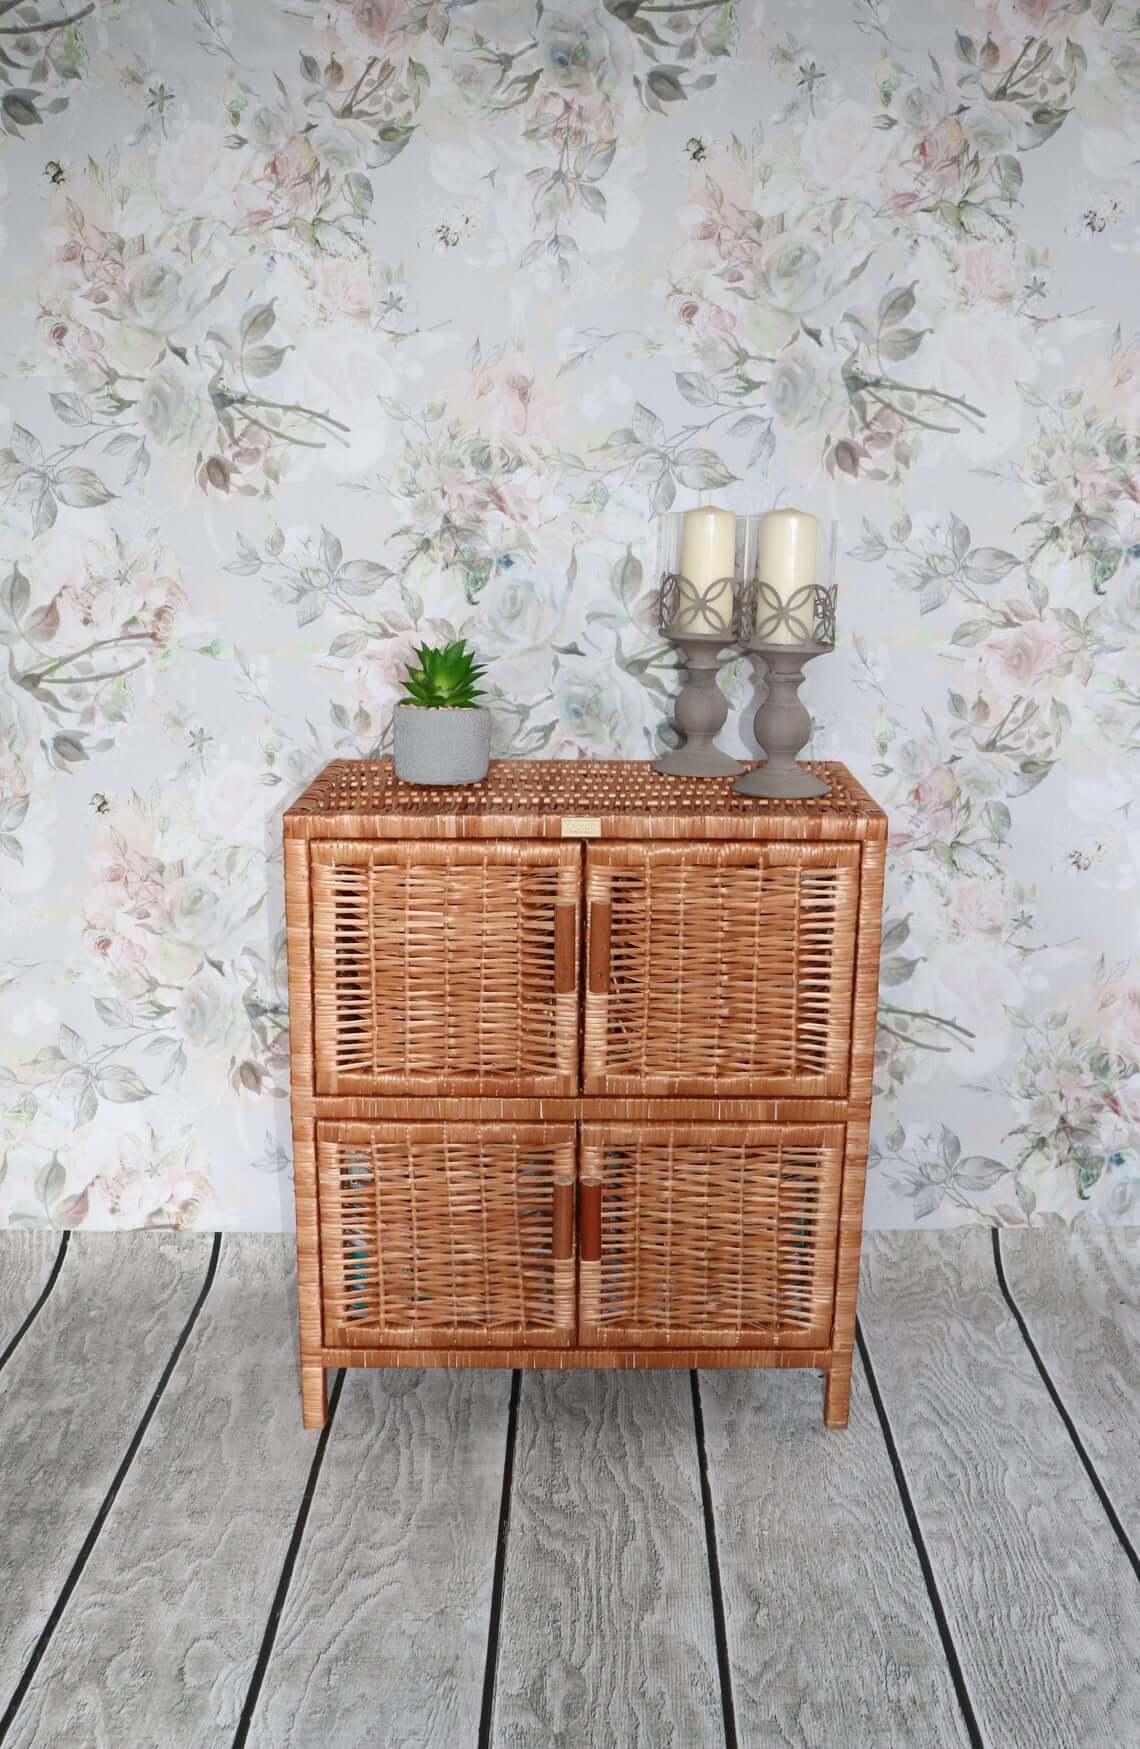 Handmade Wicker Cabinet with Doors